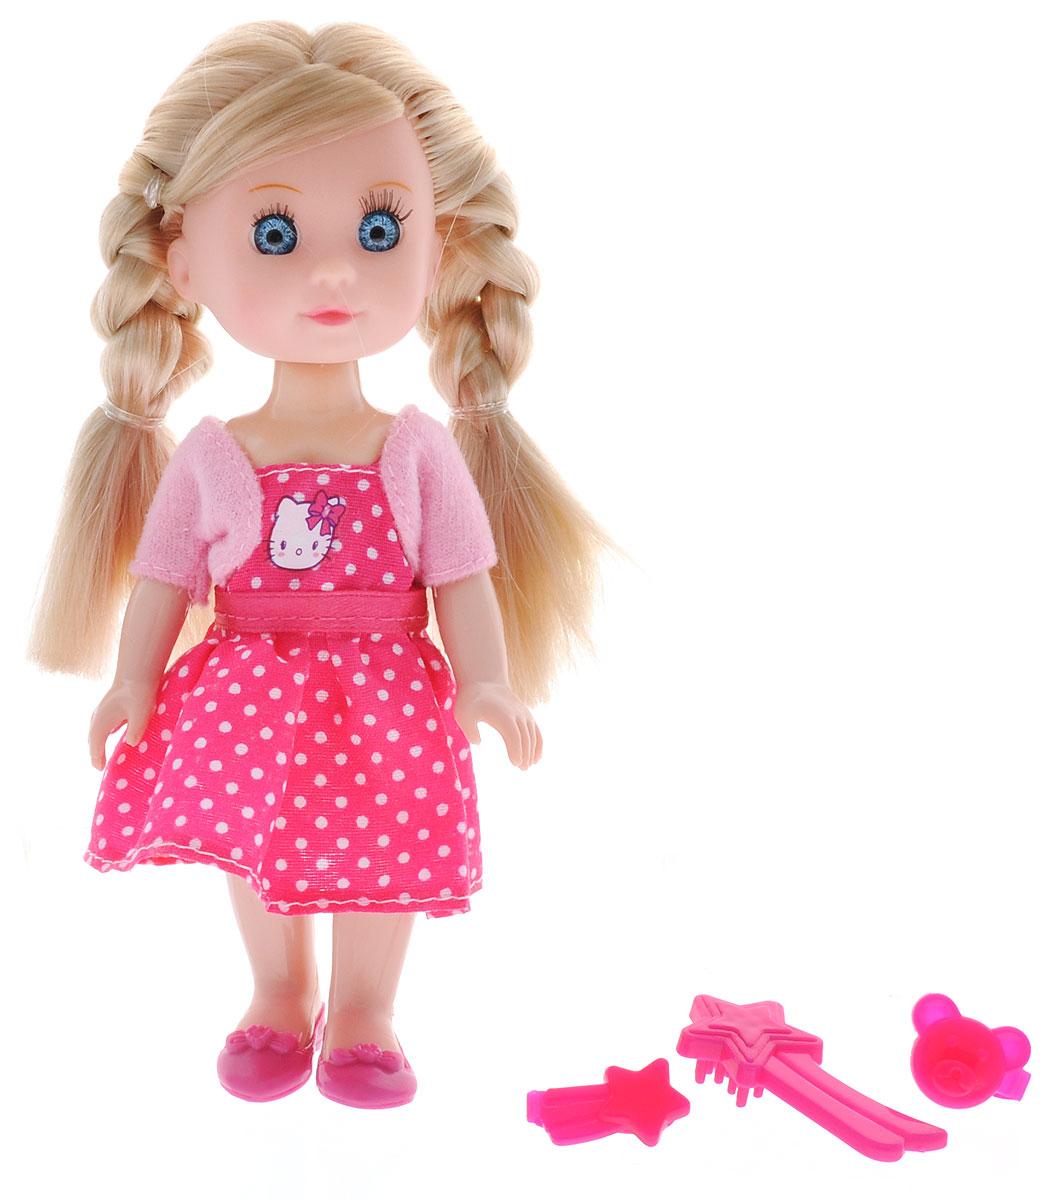 Карапуз Мини-кукла озвученная Моя подружка Машенька цвет наряда розовый фуксияMARY001X-HK_розовый, фуксияОзвученная мини-кукла Карапуз Моя подружка Машенька порадует любую девочку и позволит ей окунуться в сказочный мир волшебства. Машенька одета в яркое платье в белый горошек и розовую кофточку, на ногах куклы - розовые туфельки. Вашей дочурке непременно понравится заплетать длинные светлые волосы куклы, придумывая разнообразные прически. Руки, ноги и голова куклы подвижны, благодаря чему ей можно придавать разнообразные позы. Кроме того, куколка оснащена звуковыми эффектами. Она знает 4 стихотворения, поет и говорит. В наборе также имеется расческа для куклы и две заколочки. Игры с куклой способствуют эмоциональному развитию, помогают формировать воображение и художественный вкус, а также разовьют в вашей малышке чувство ответственности и заботы. Великолепное качество исполнения делают эту куколку чудесным подарком к любому празднику. Рекомендуется докупить 3 батарейки типа LR41/L736 (товар комплектуется демонстрационными).